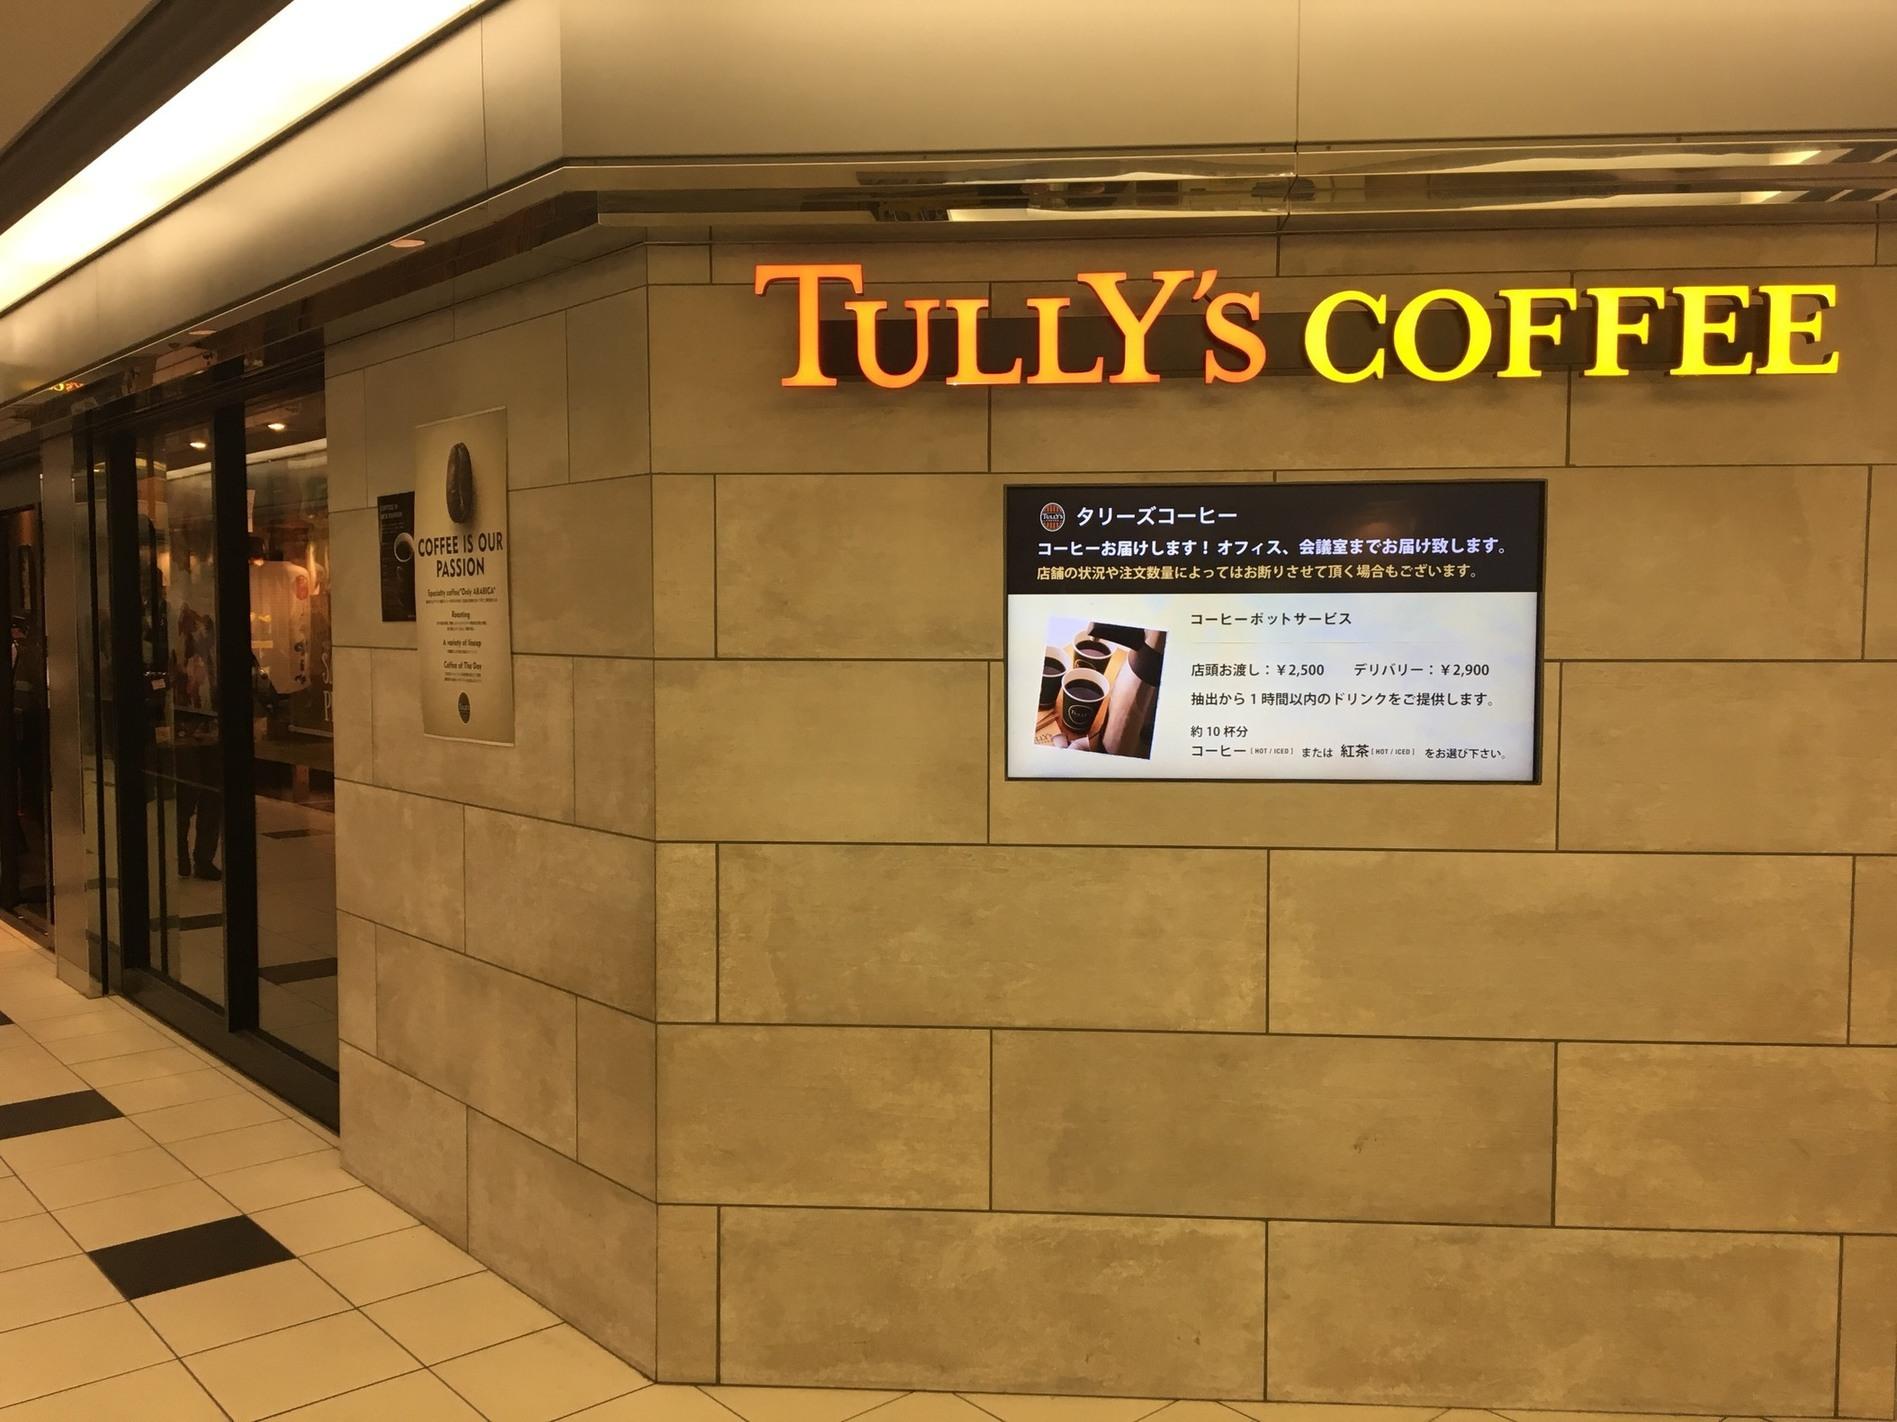 タリーズコーヒー 御堂筋本町ビル店